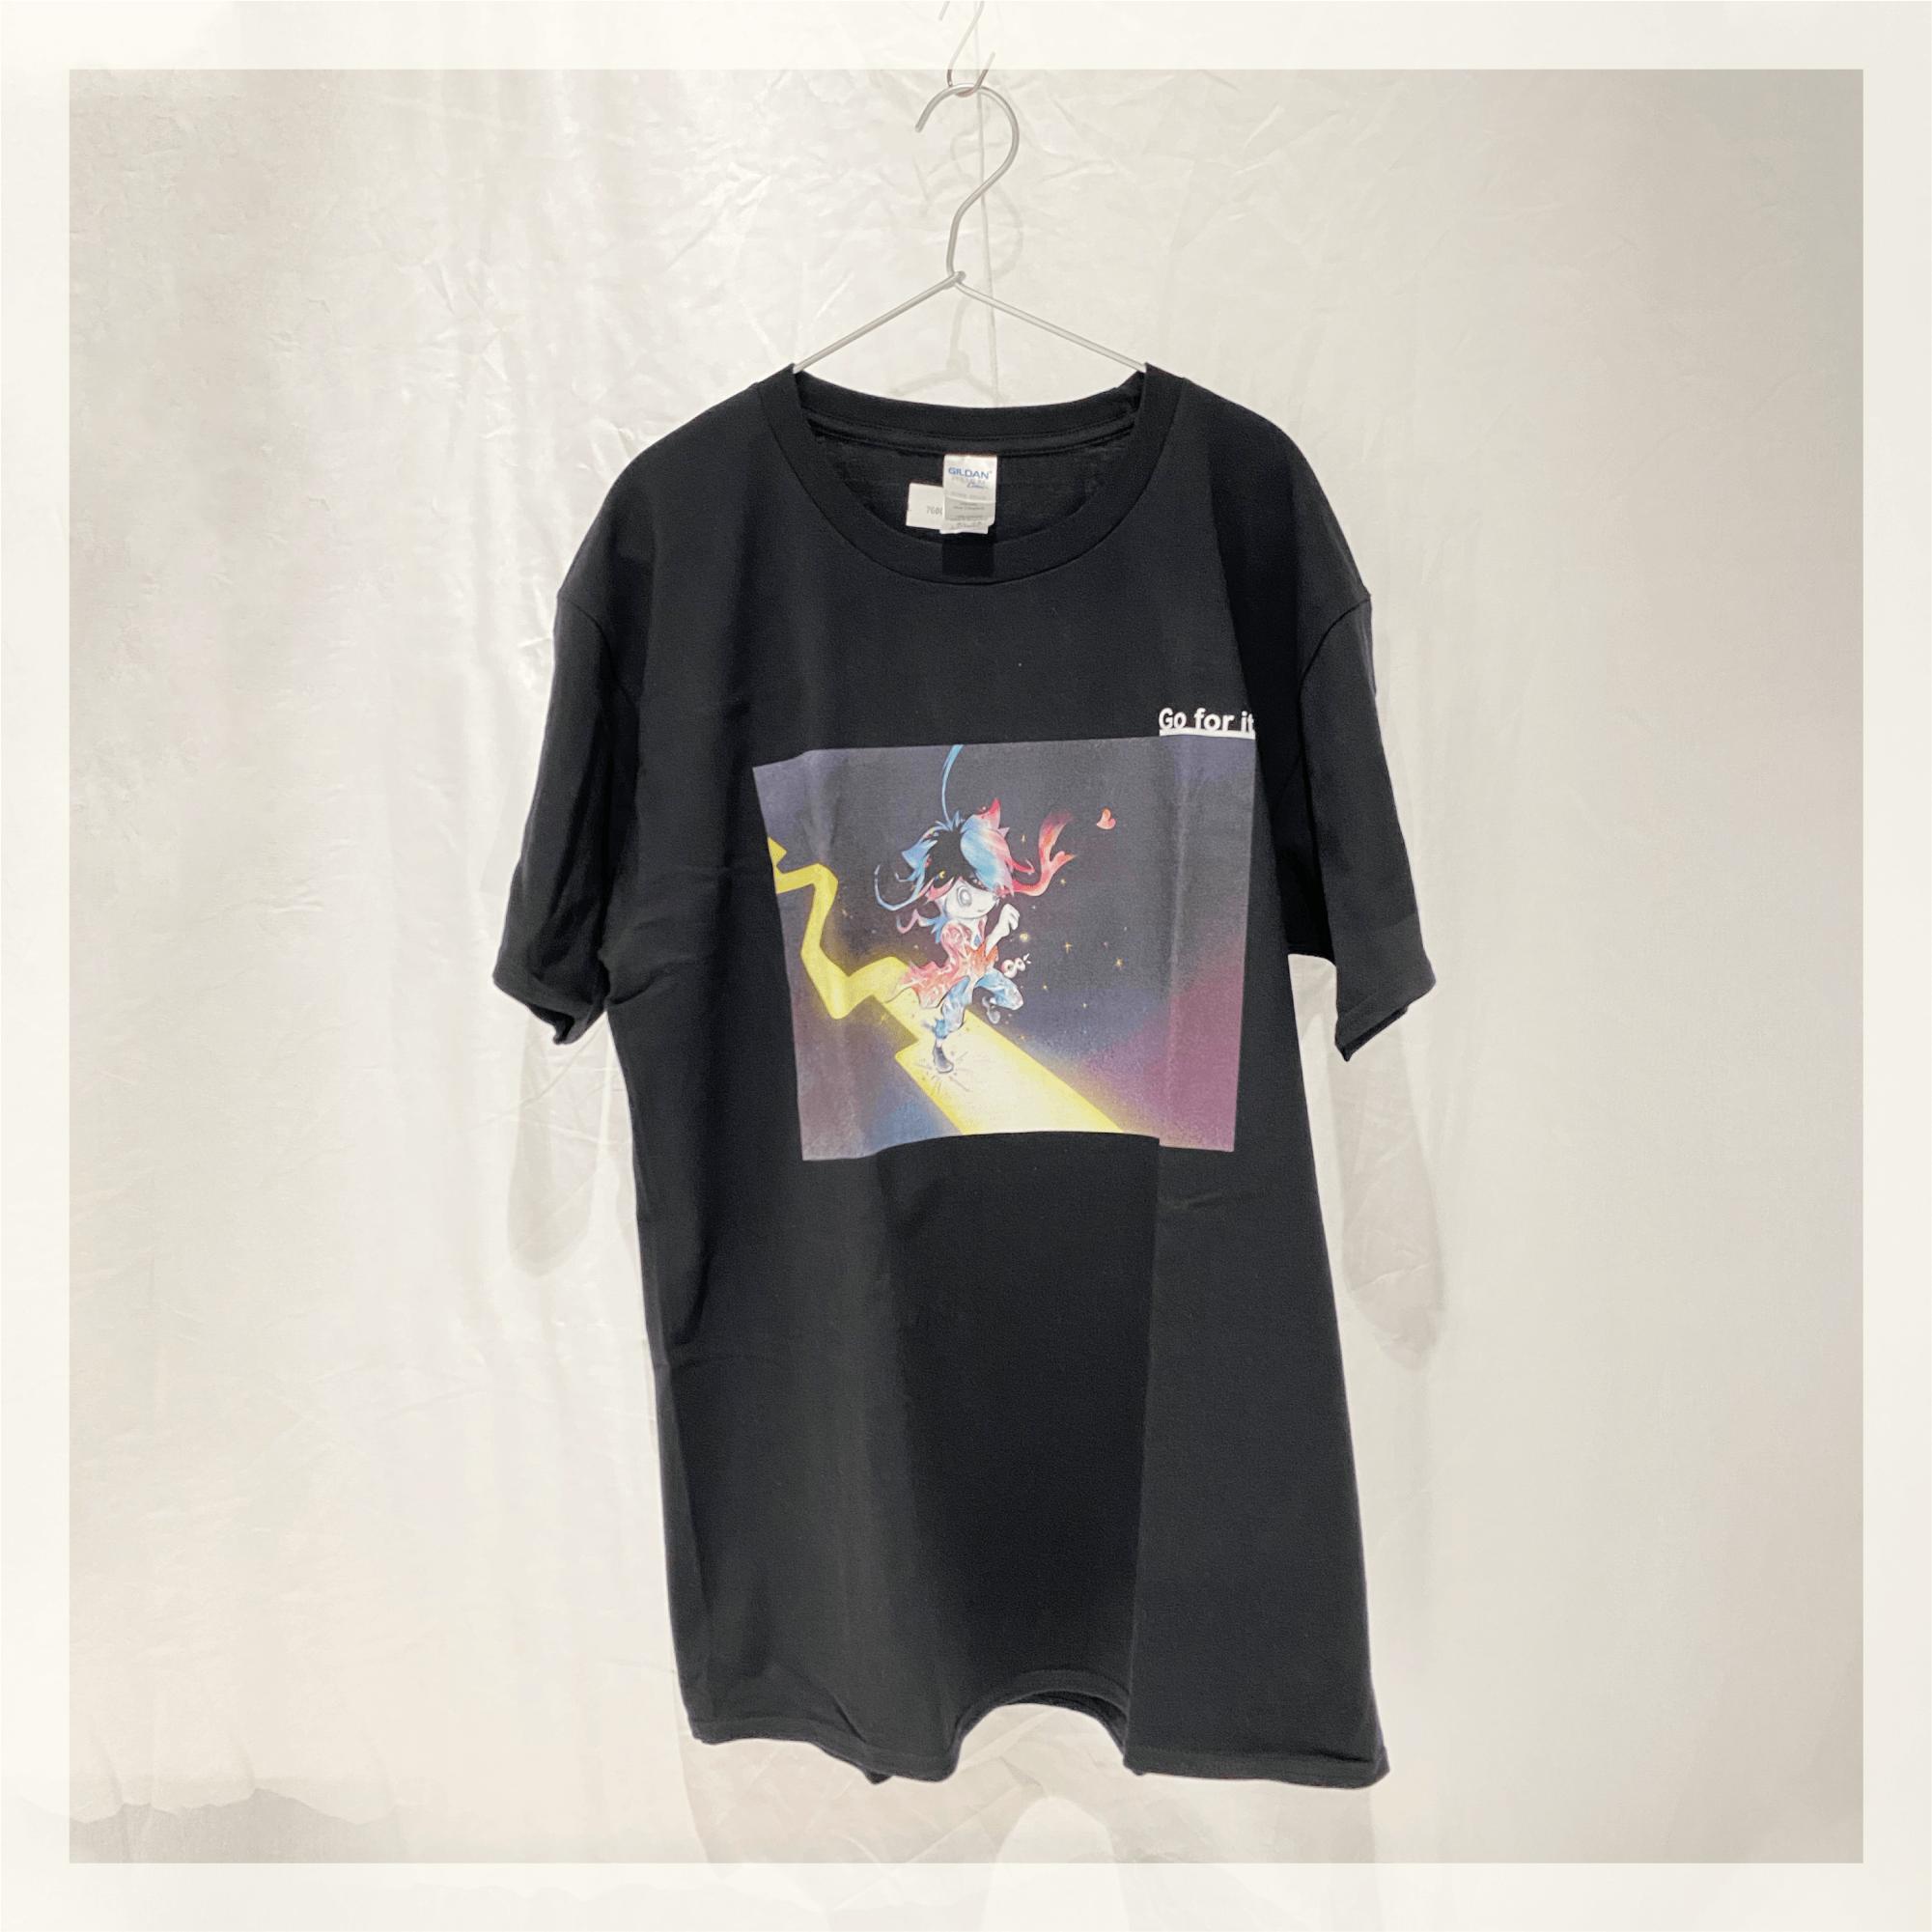 【Tシャツ】 これで良いんだ。まっすぐ進め / ブラック